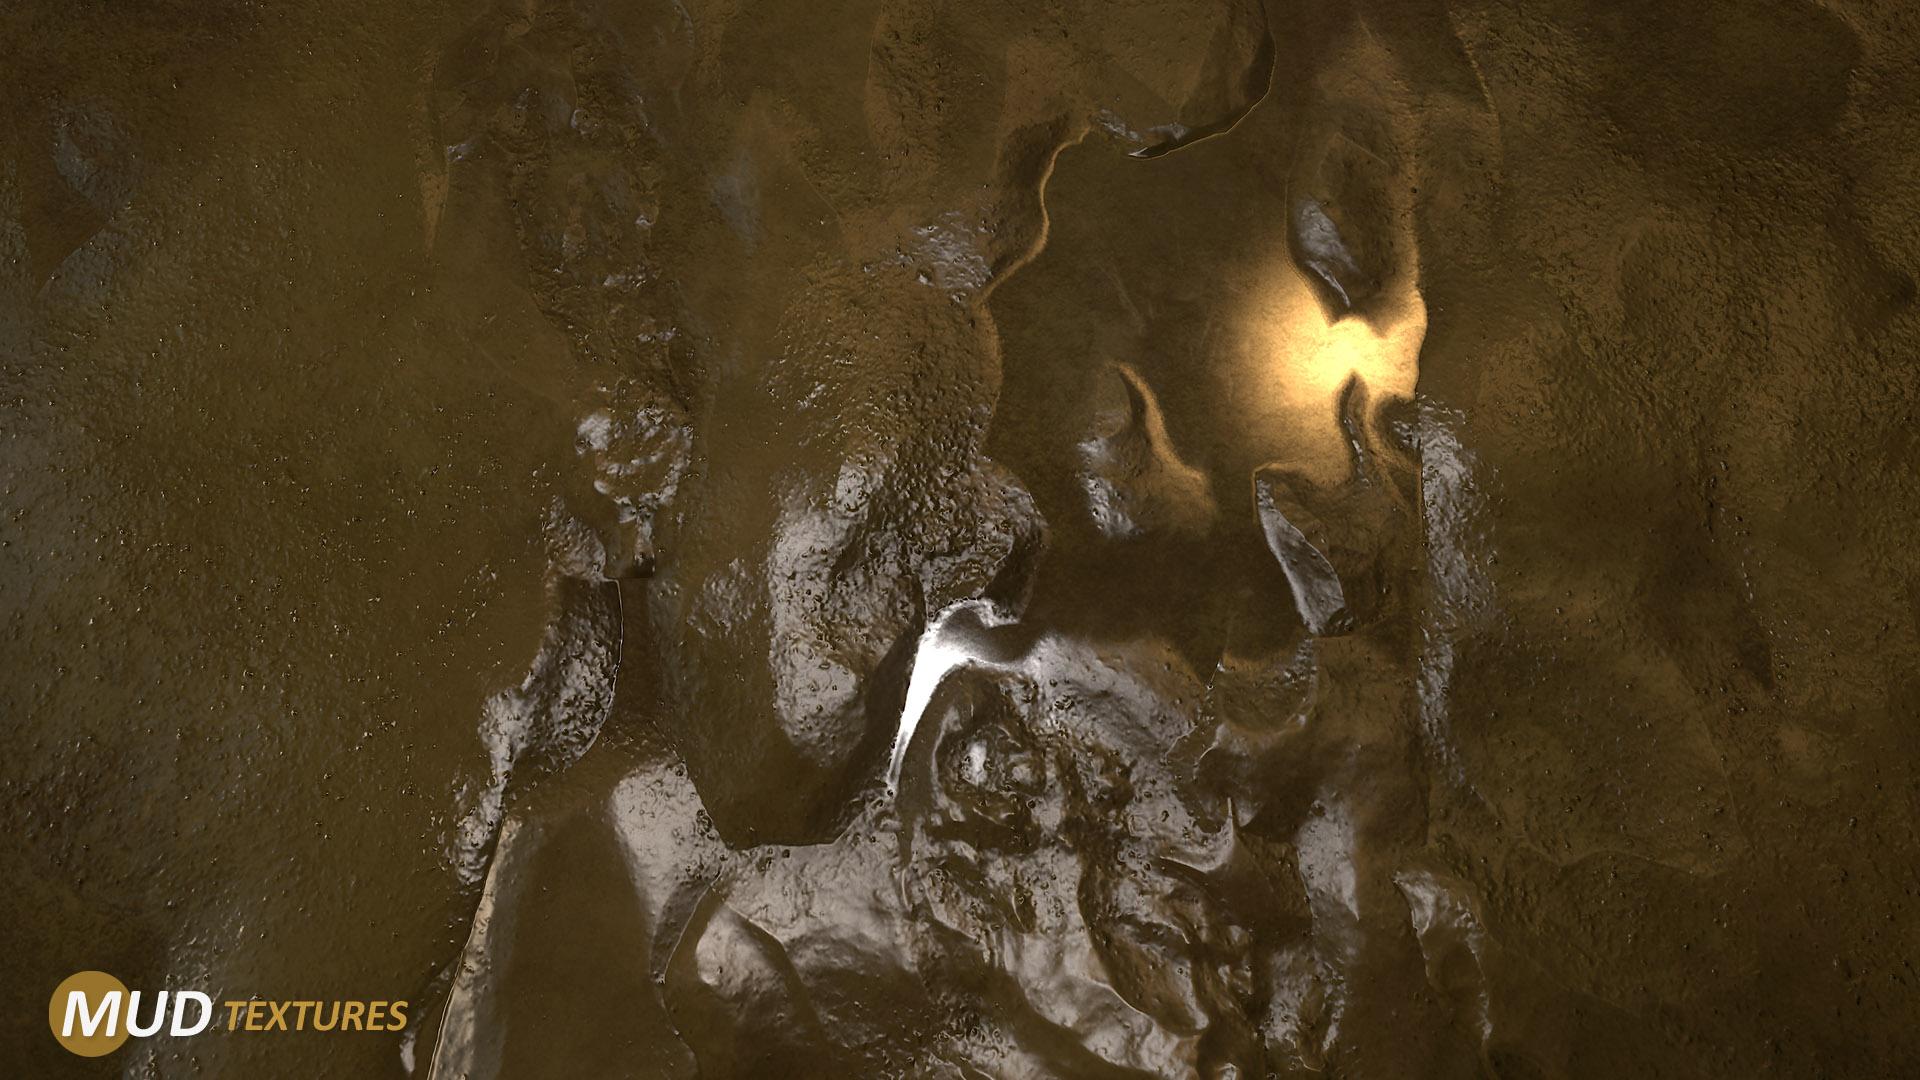 mud_texture_13.jpg